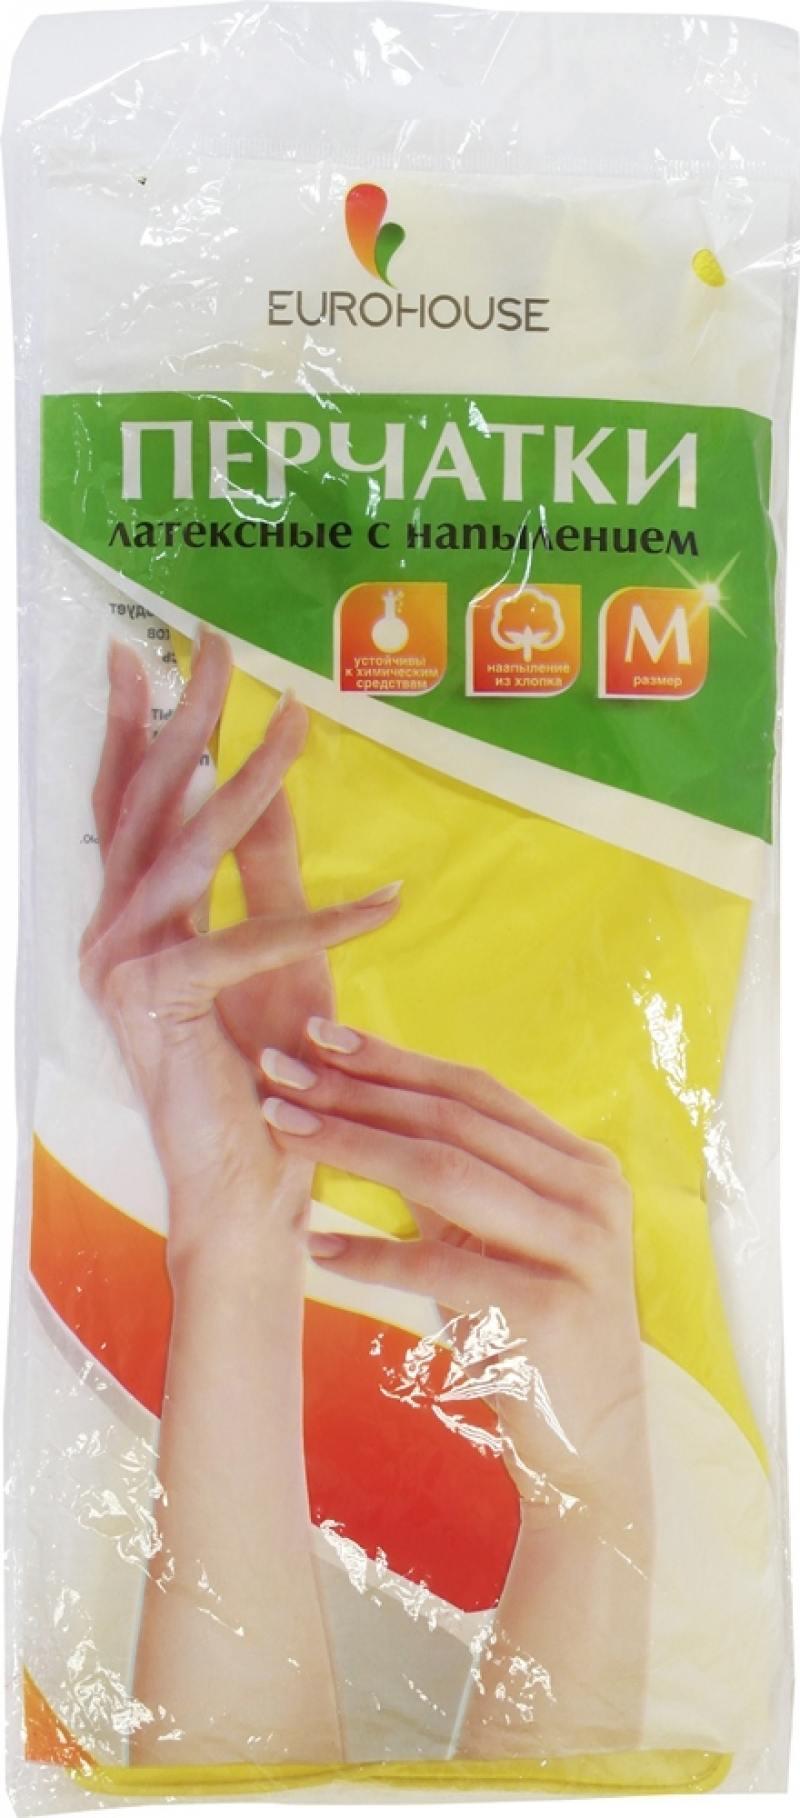 Перчатки хозяйственные EURO HOUSE, латексные, х/б напыление, M перчатки латексные русский инструмент 67724 х б 13 класс